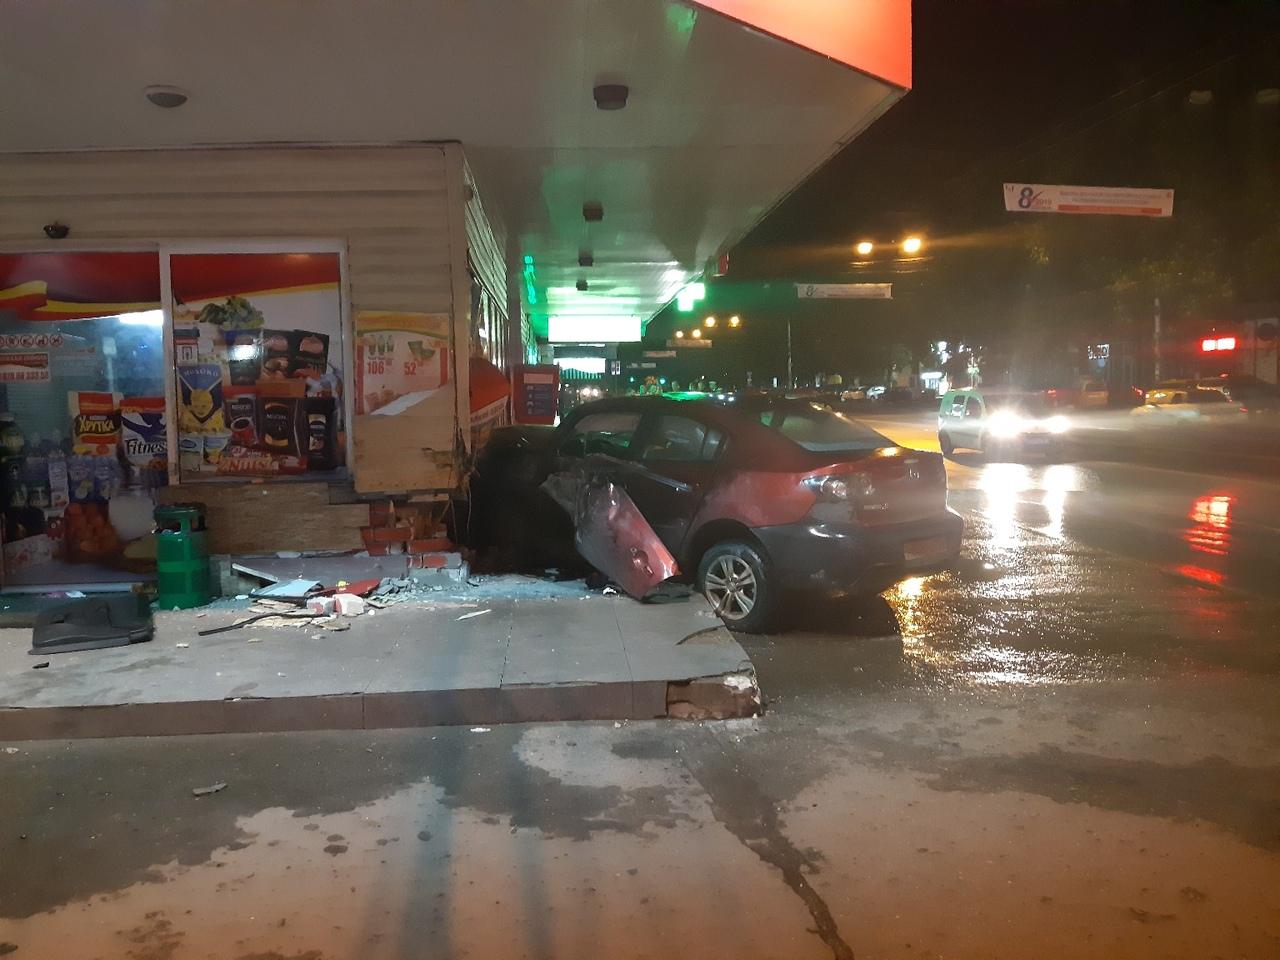 Подробности ночной аварии в Симферополе: врачи борются за жизнь водителя и 19-летней пассажирки